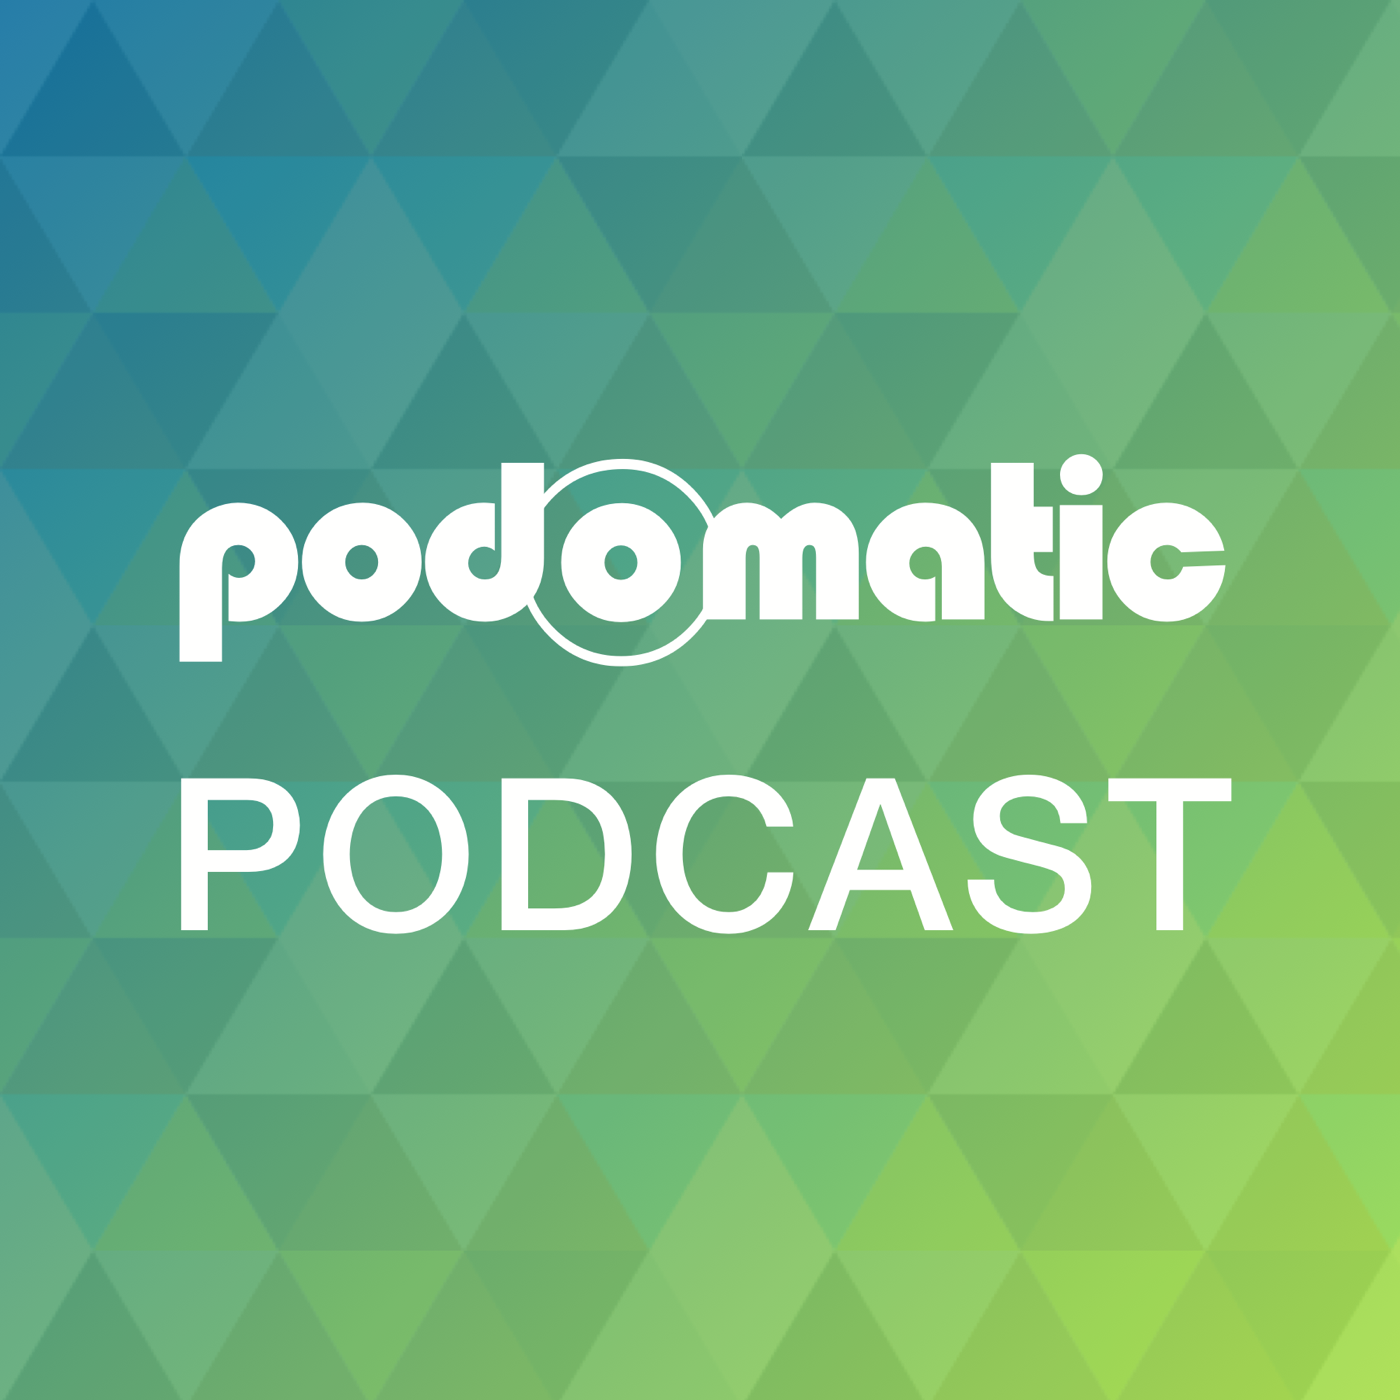 Ahmad's Podcast